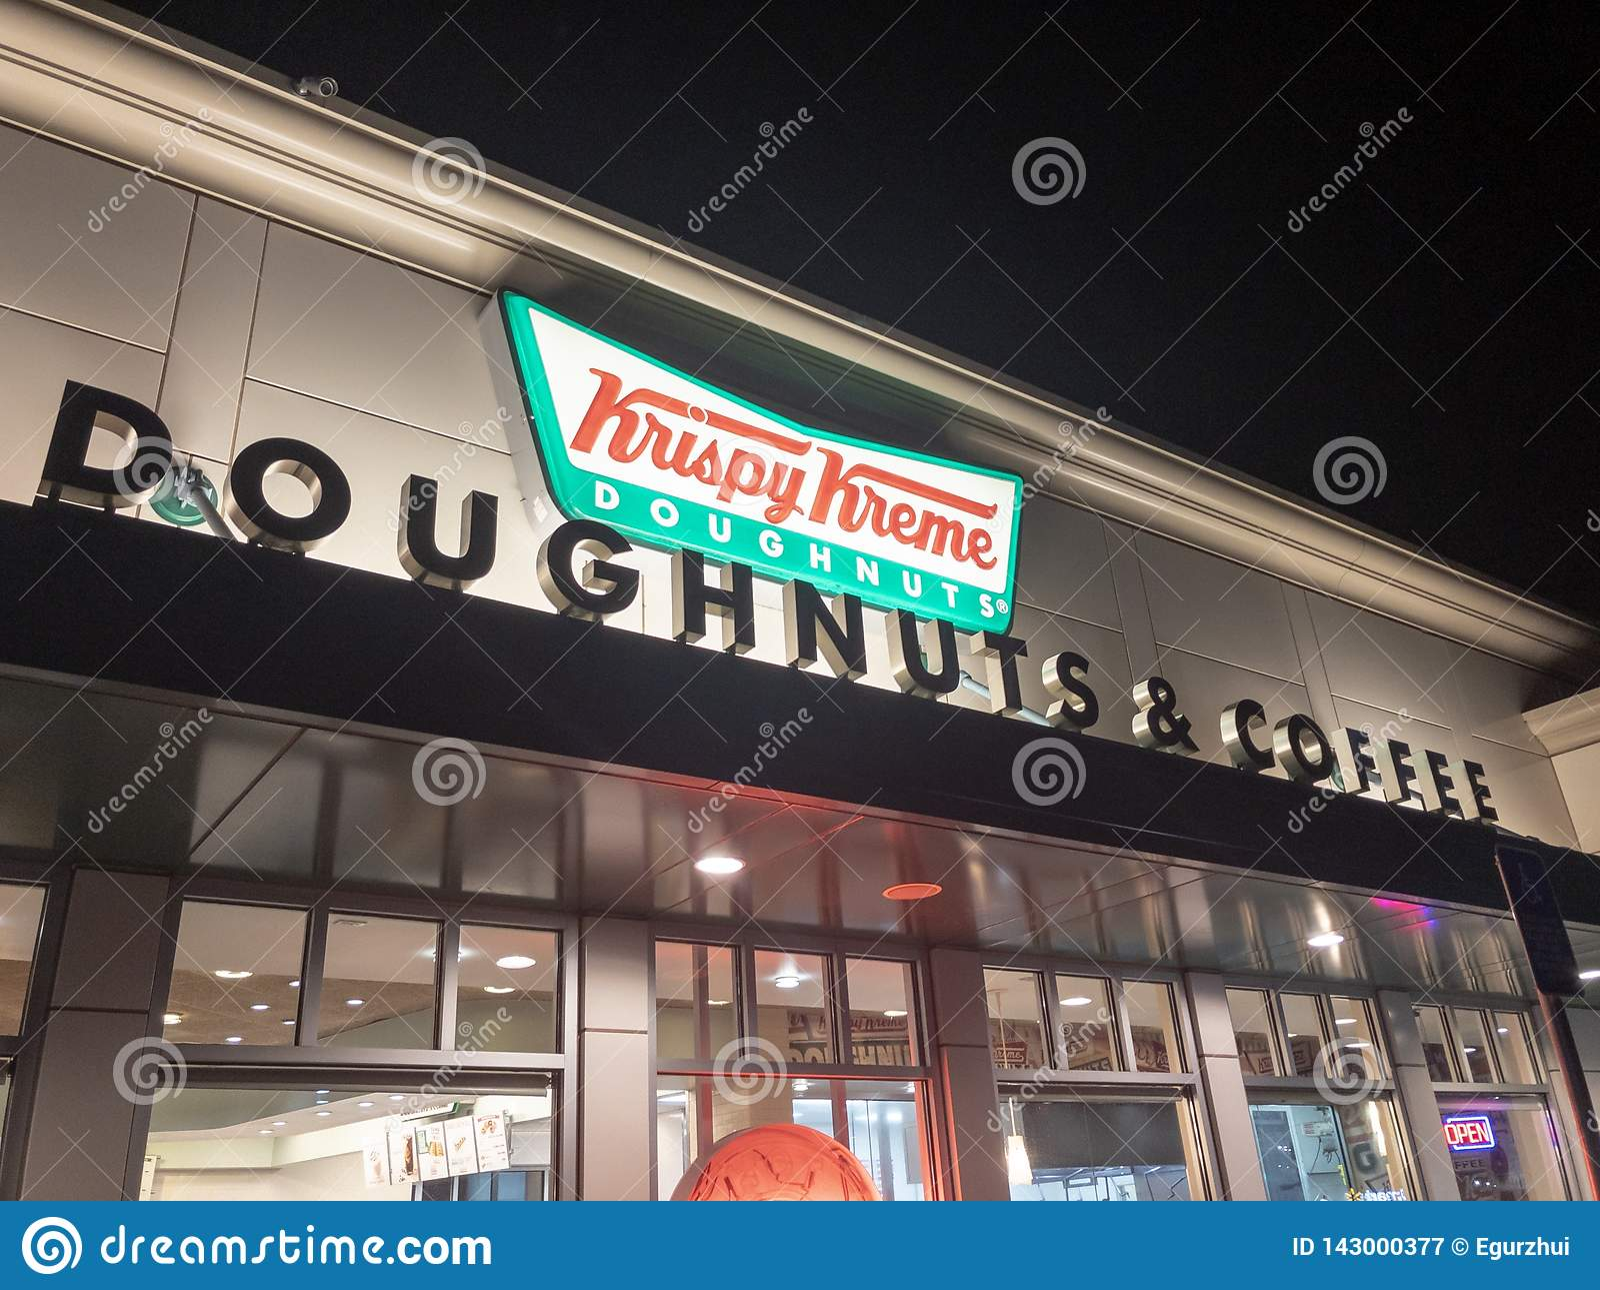 Krispy Kreme Doughnuts storefront at night